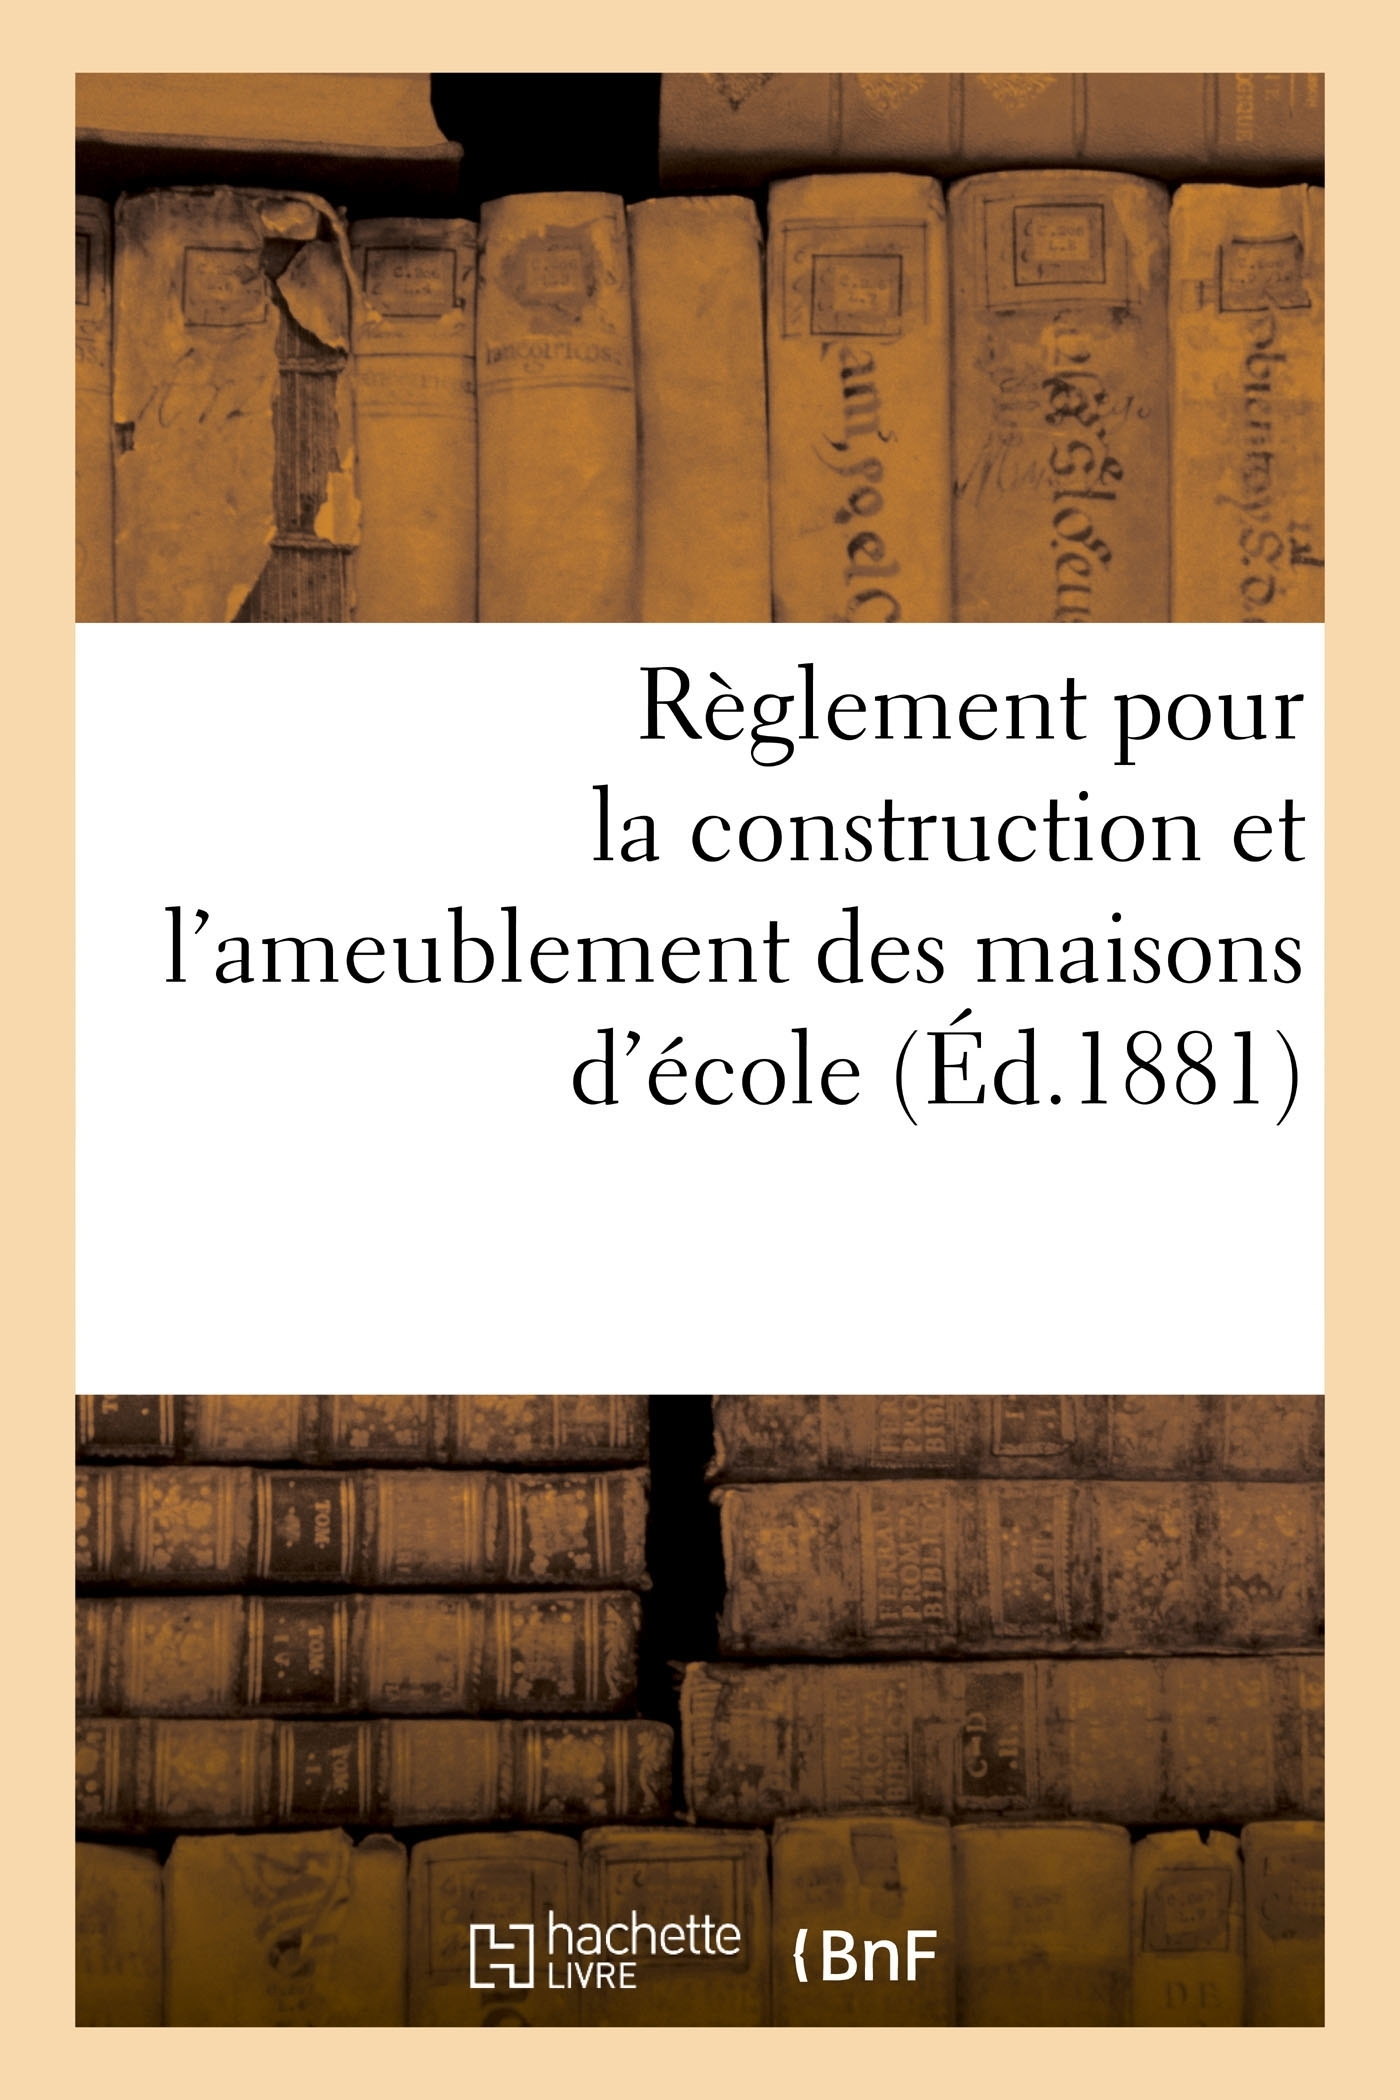 REGLEMENT POUR LA CONSTRUCTION ET L'AMEUBLEMENT DES MAISONS D'ECOLE - ARRETE PAR LE CONSEIL SUPERIEU